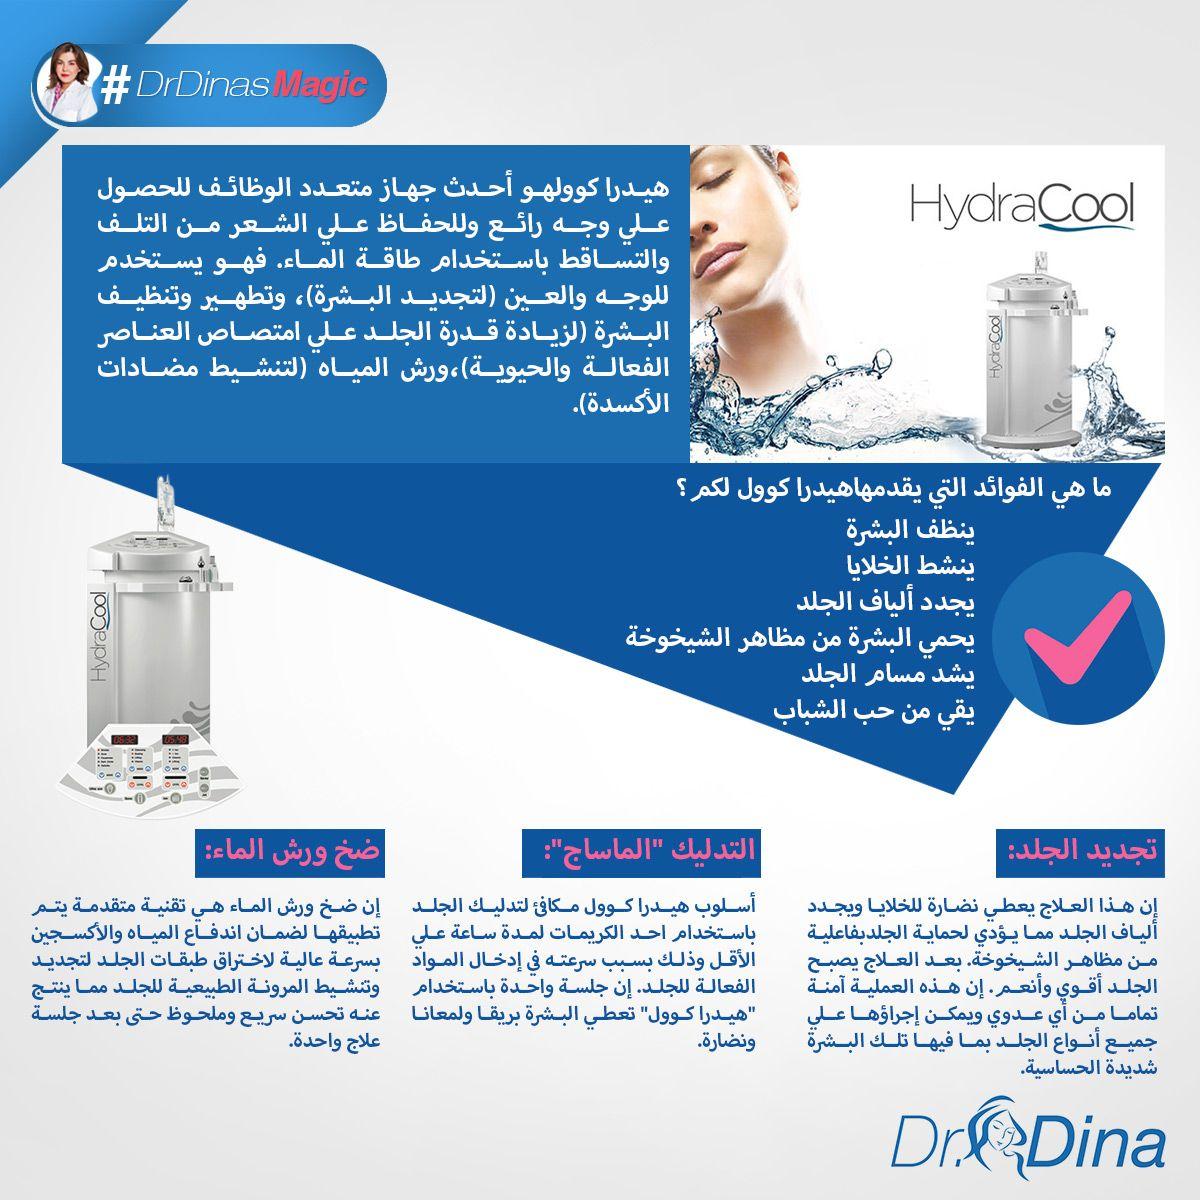 Pin On Dr Dina S Magic